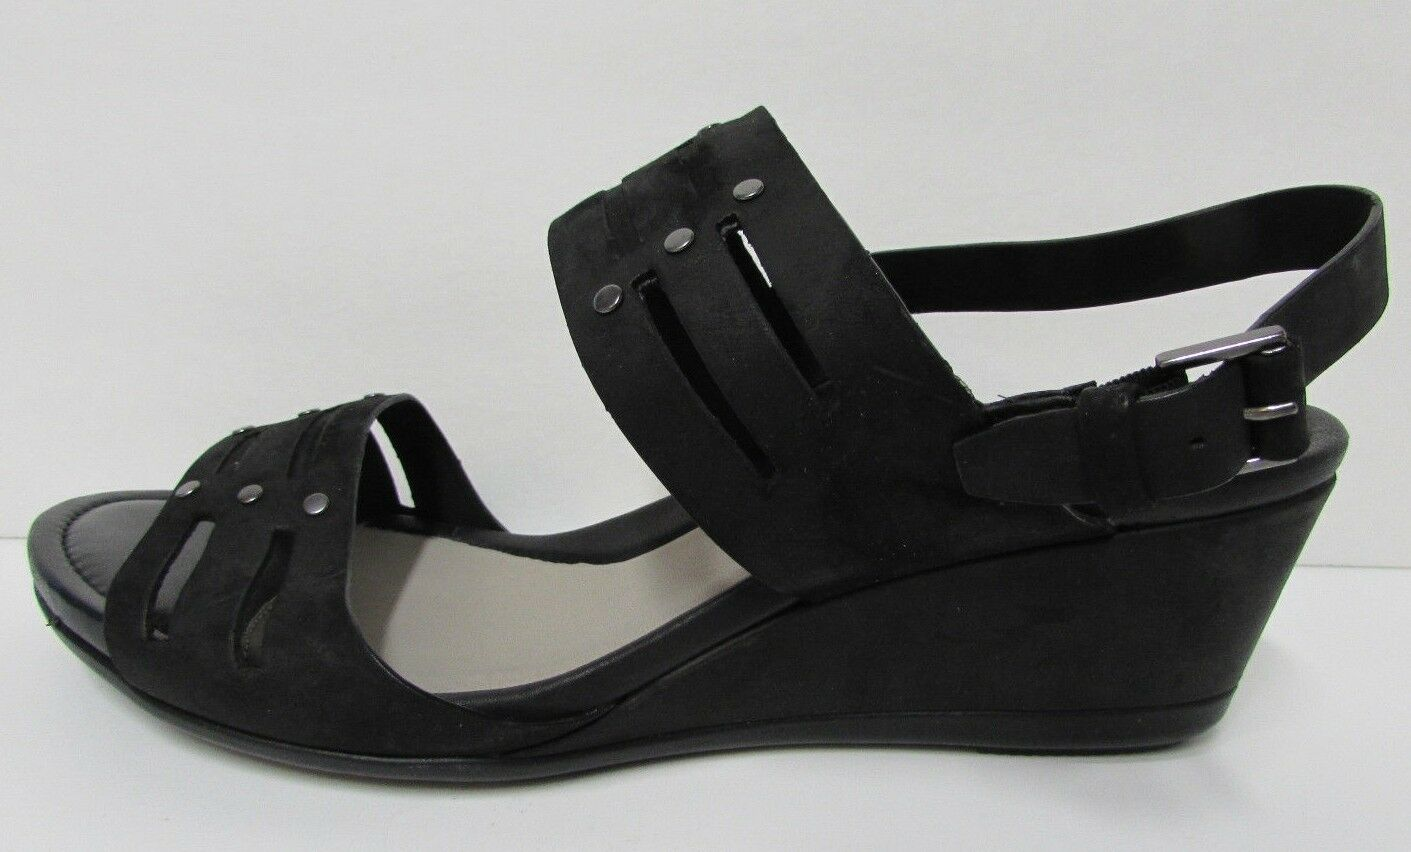 Ecco tamaño nos 10 10.5 Nuevos Mujer Zapatos Sandalias De Cuero Negro